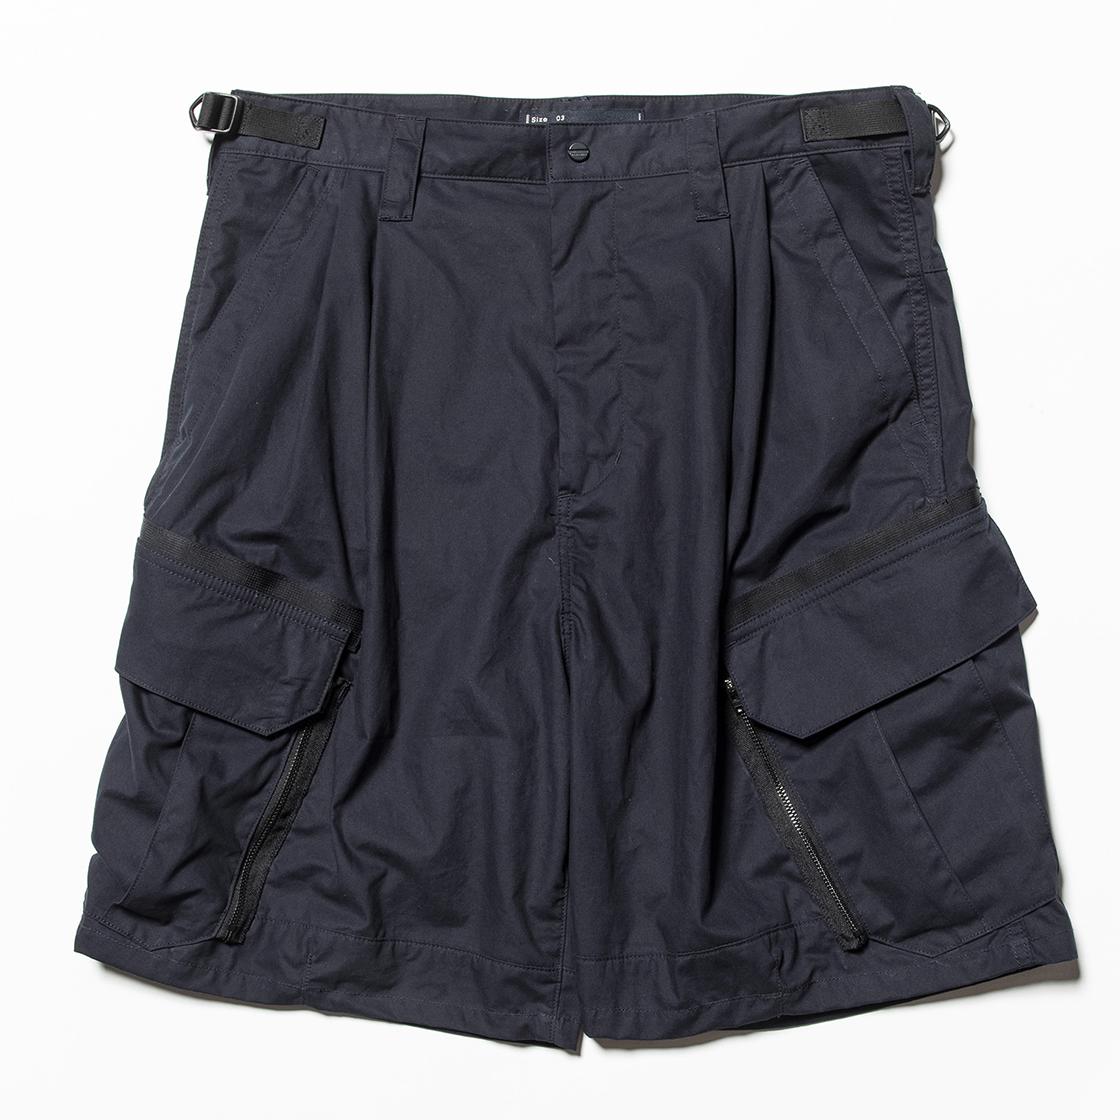 Luggage Cargo Shorts